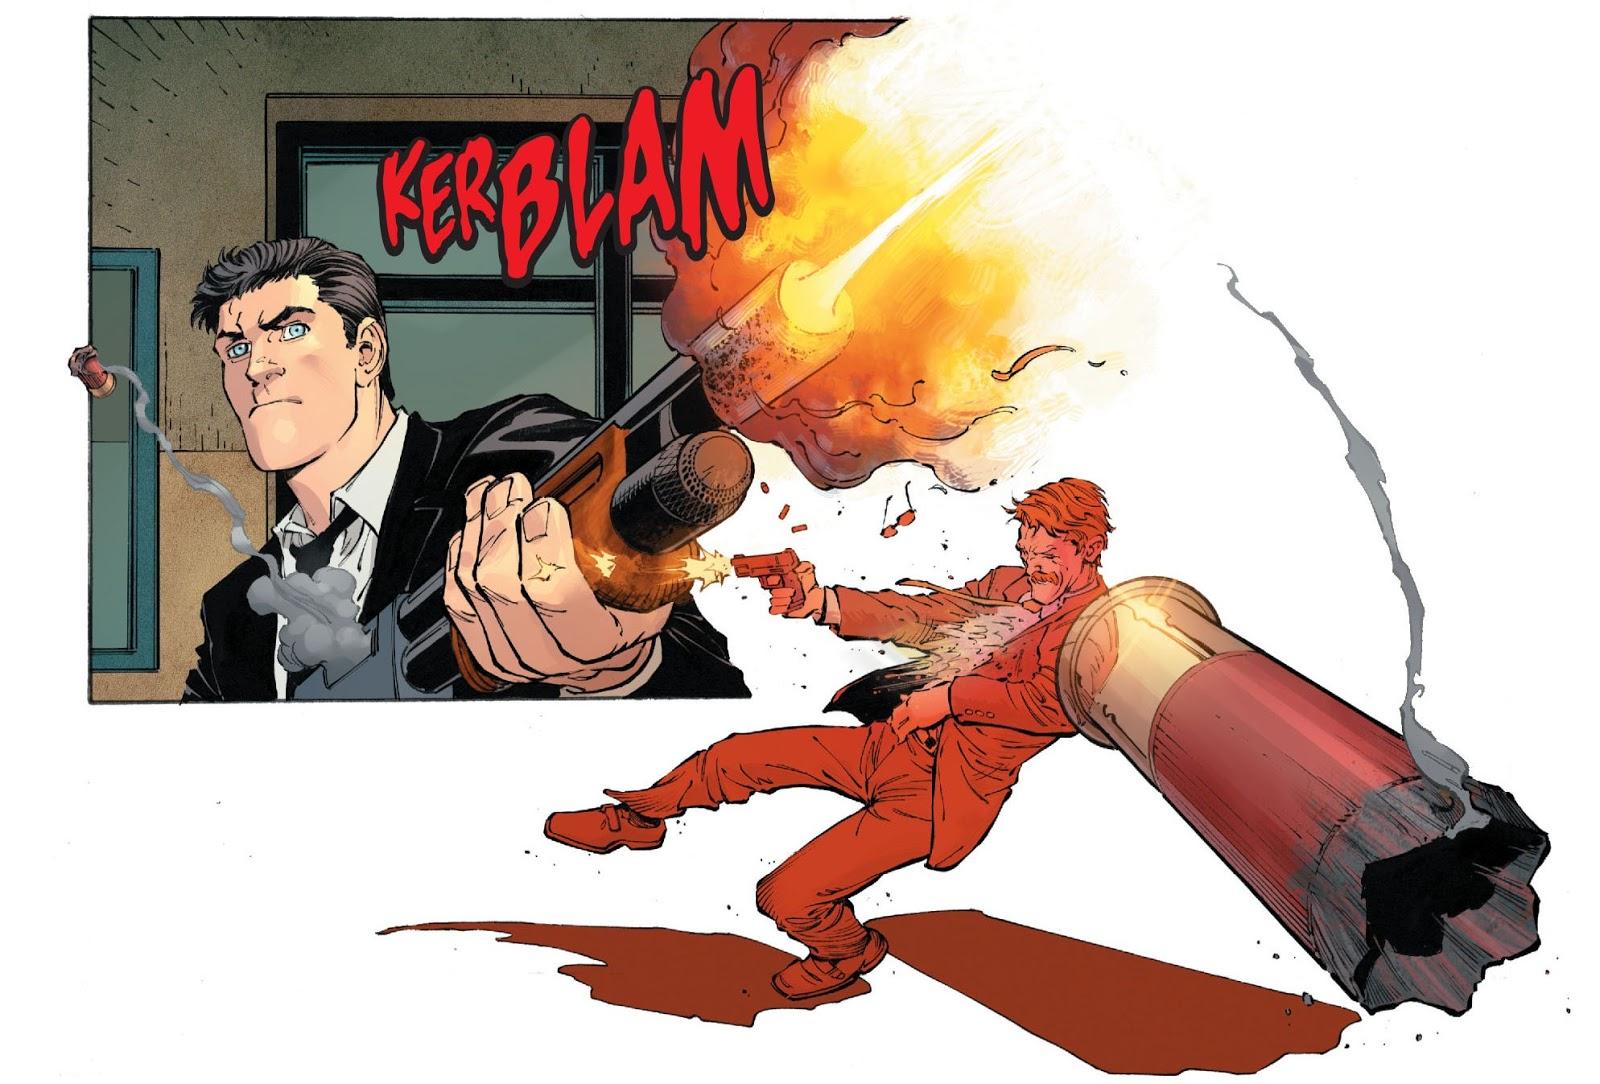 El Blog de Batman: Viñetas destacadas - 10/04/13